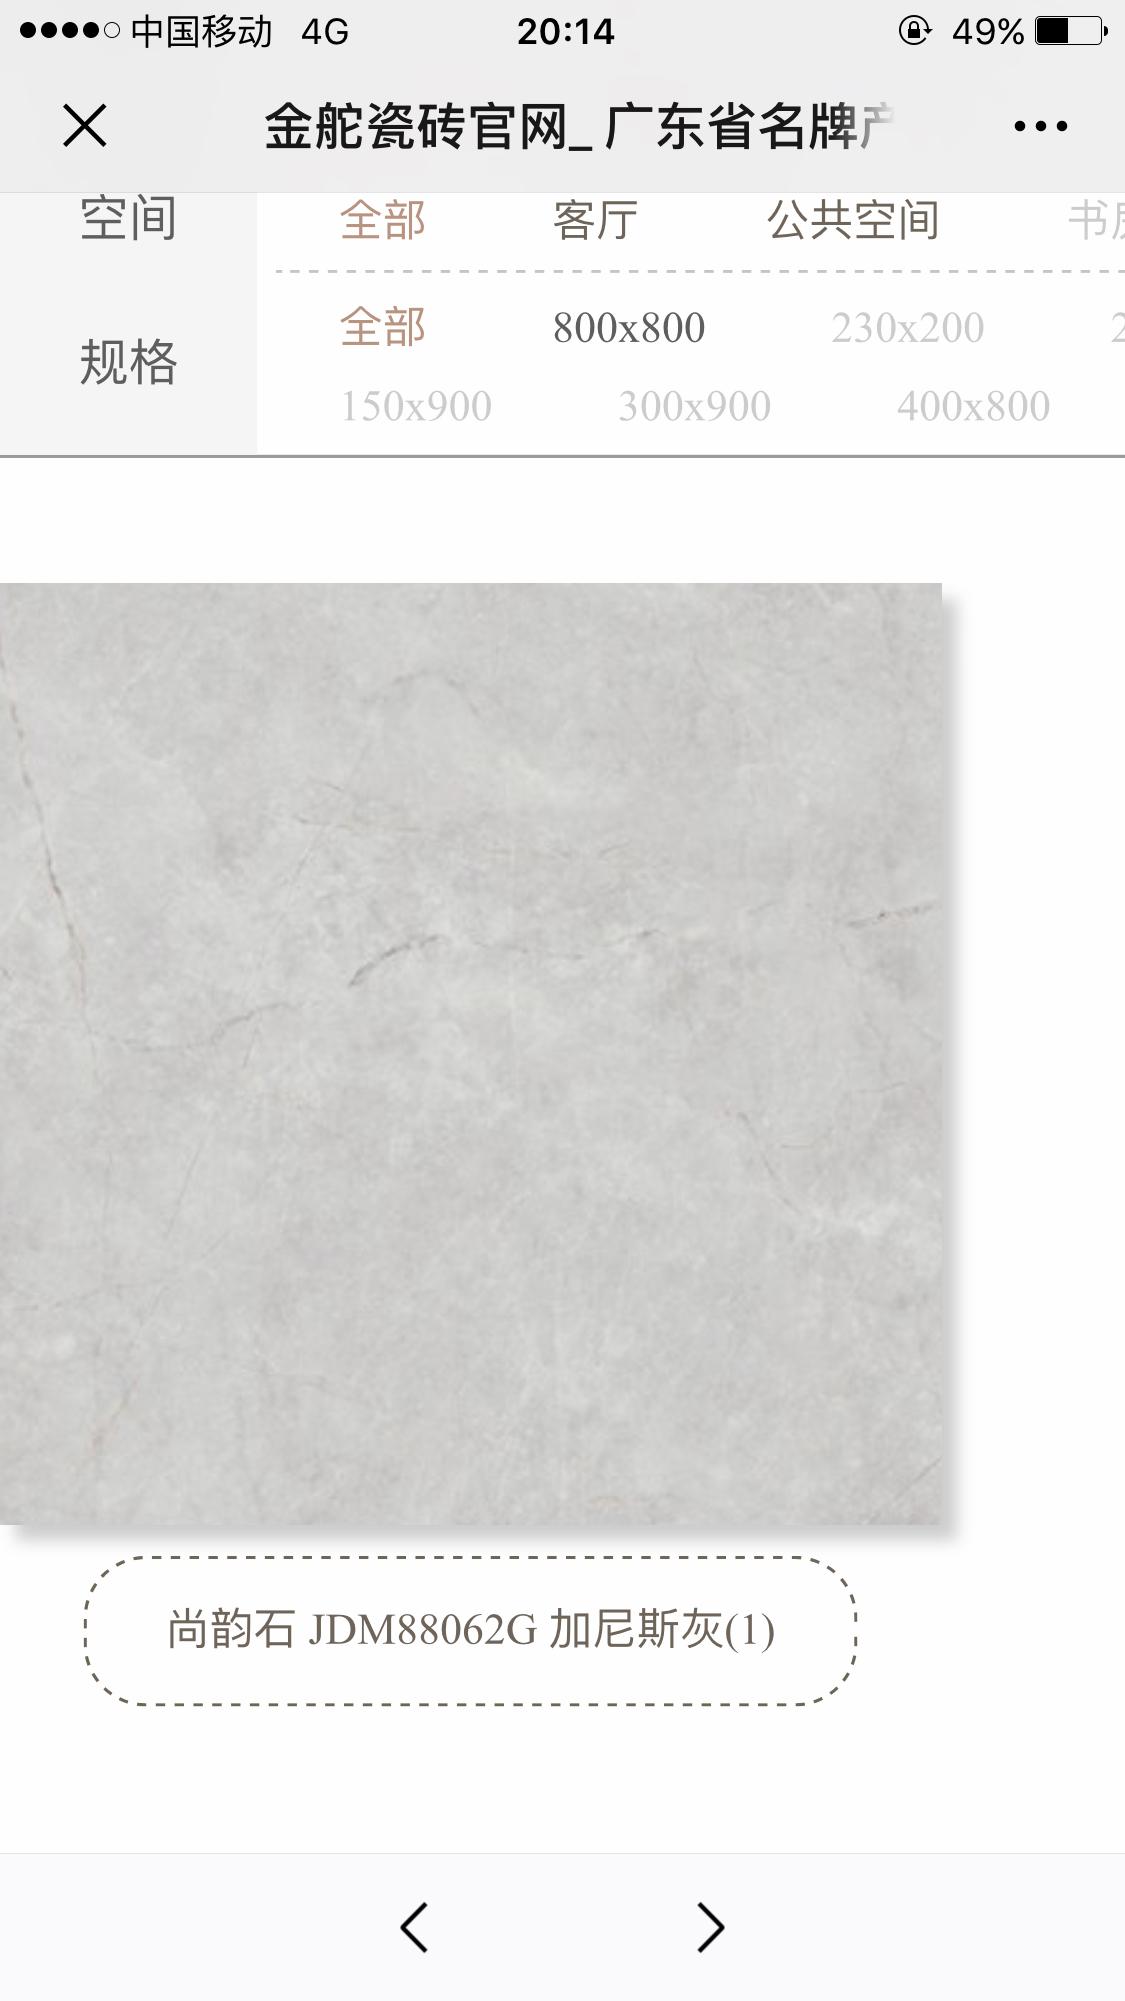 客厅选用了浅灰色瓷砖,现在纠结搭配什么颜色的柜子比较百搭,求建议